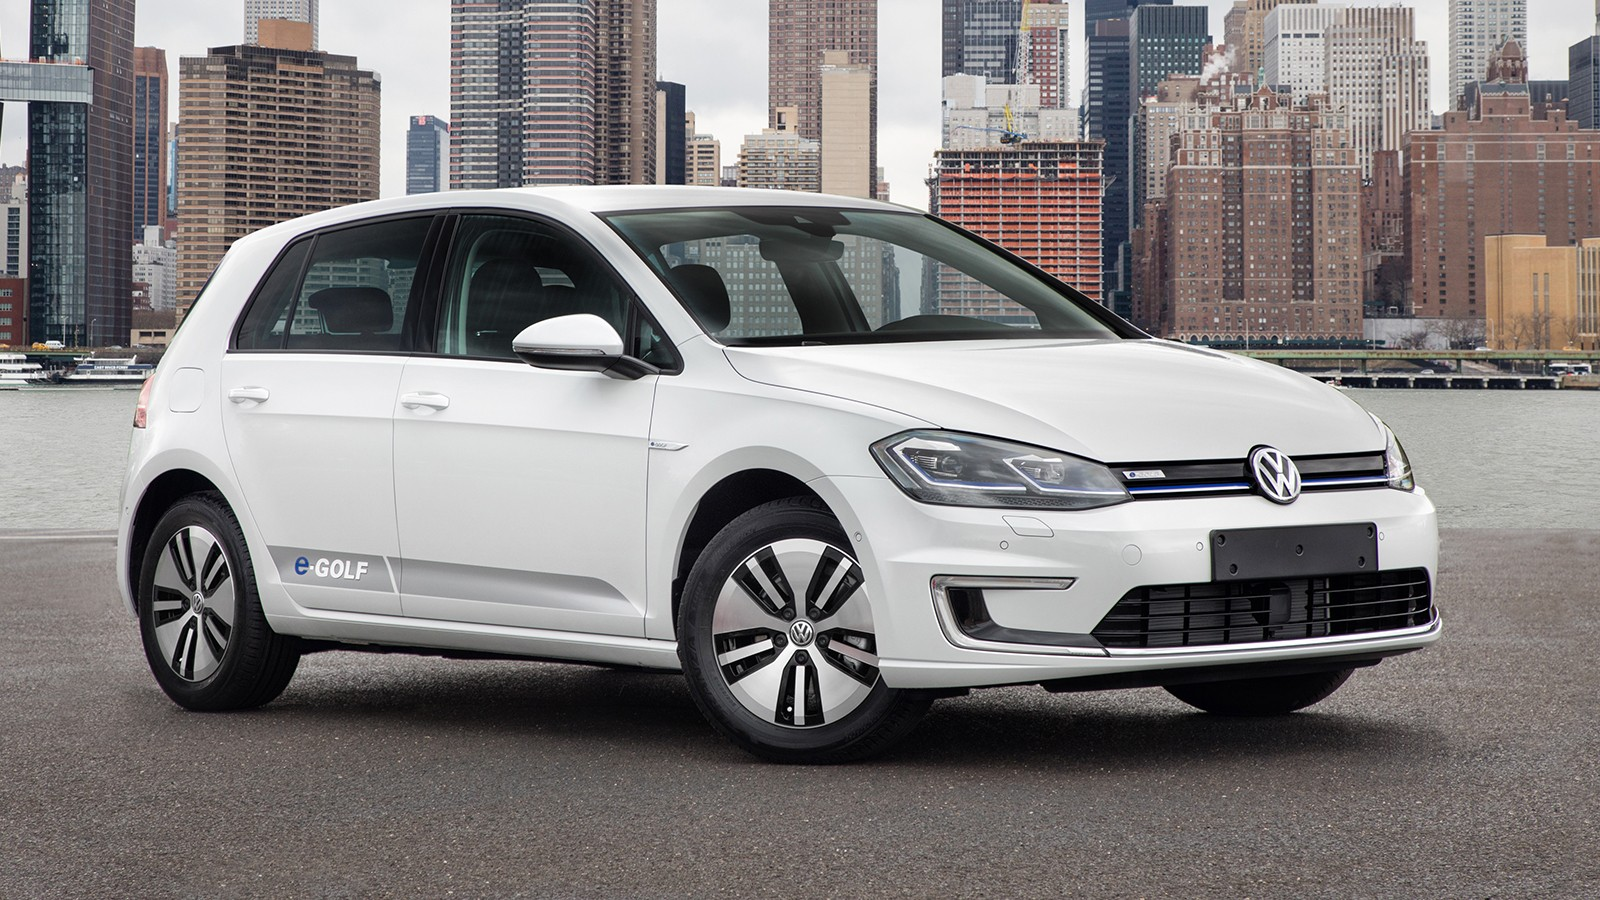 На фото: VW e-Golf